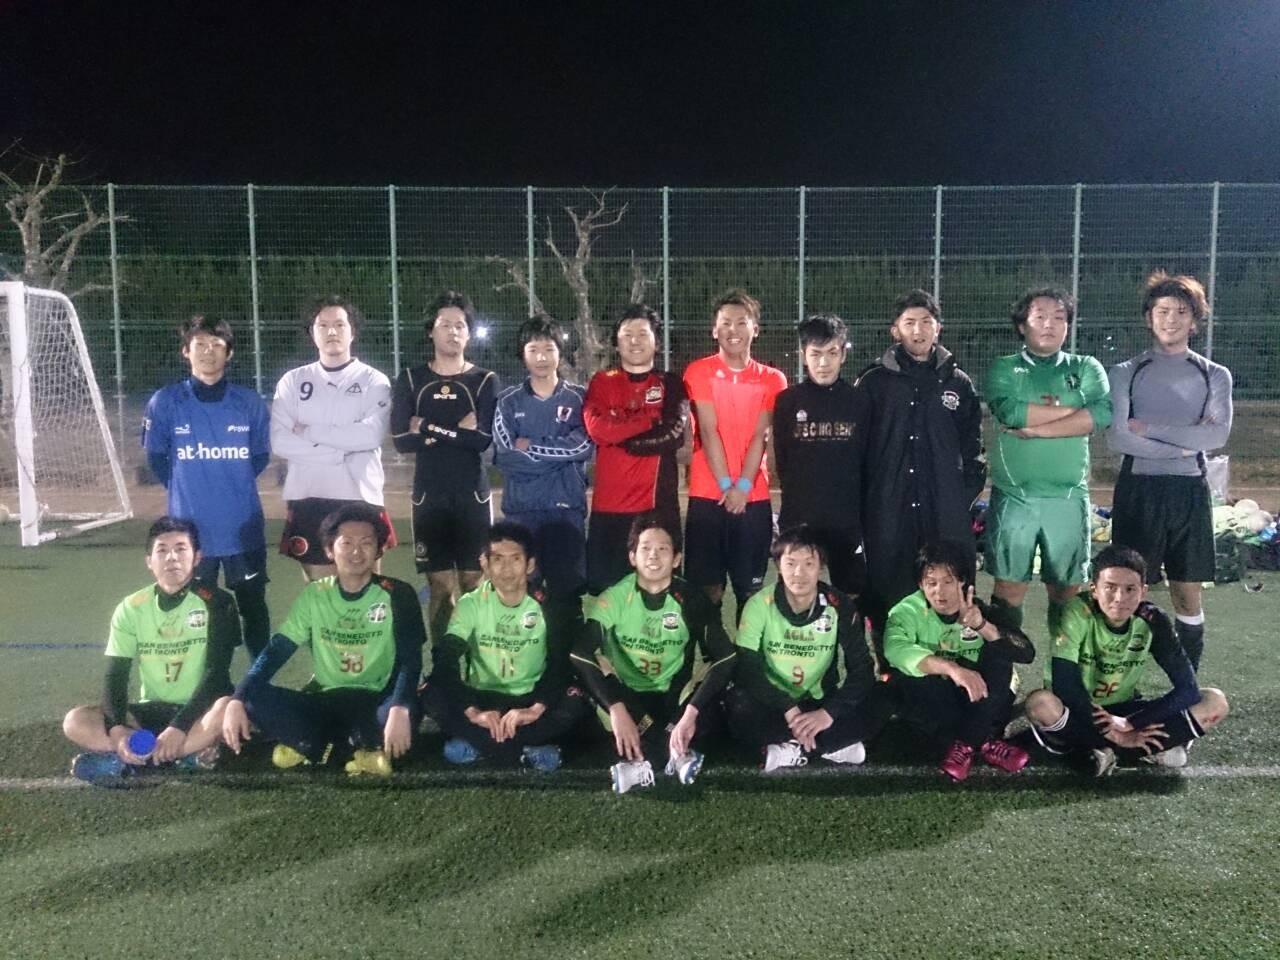 2015/3/21 服部緑地人工芝サッカー場 vs バッジーナ大阪 vs FCデルタ